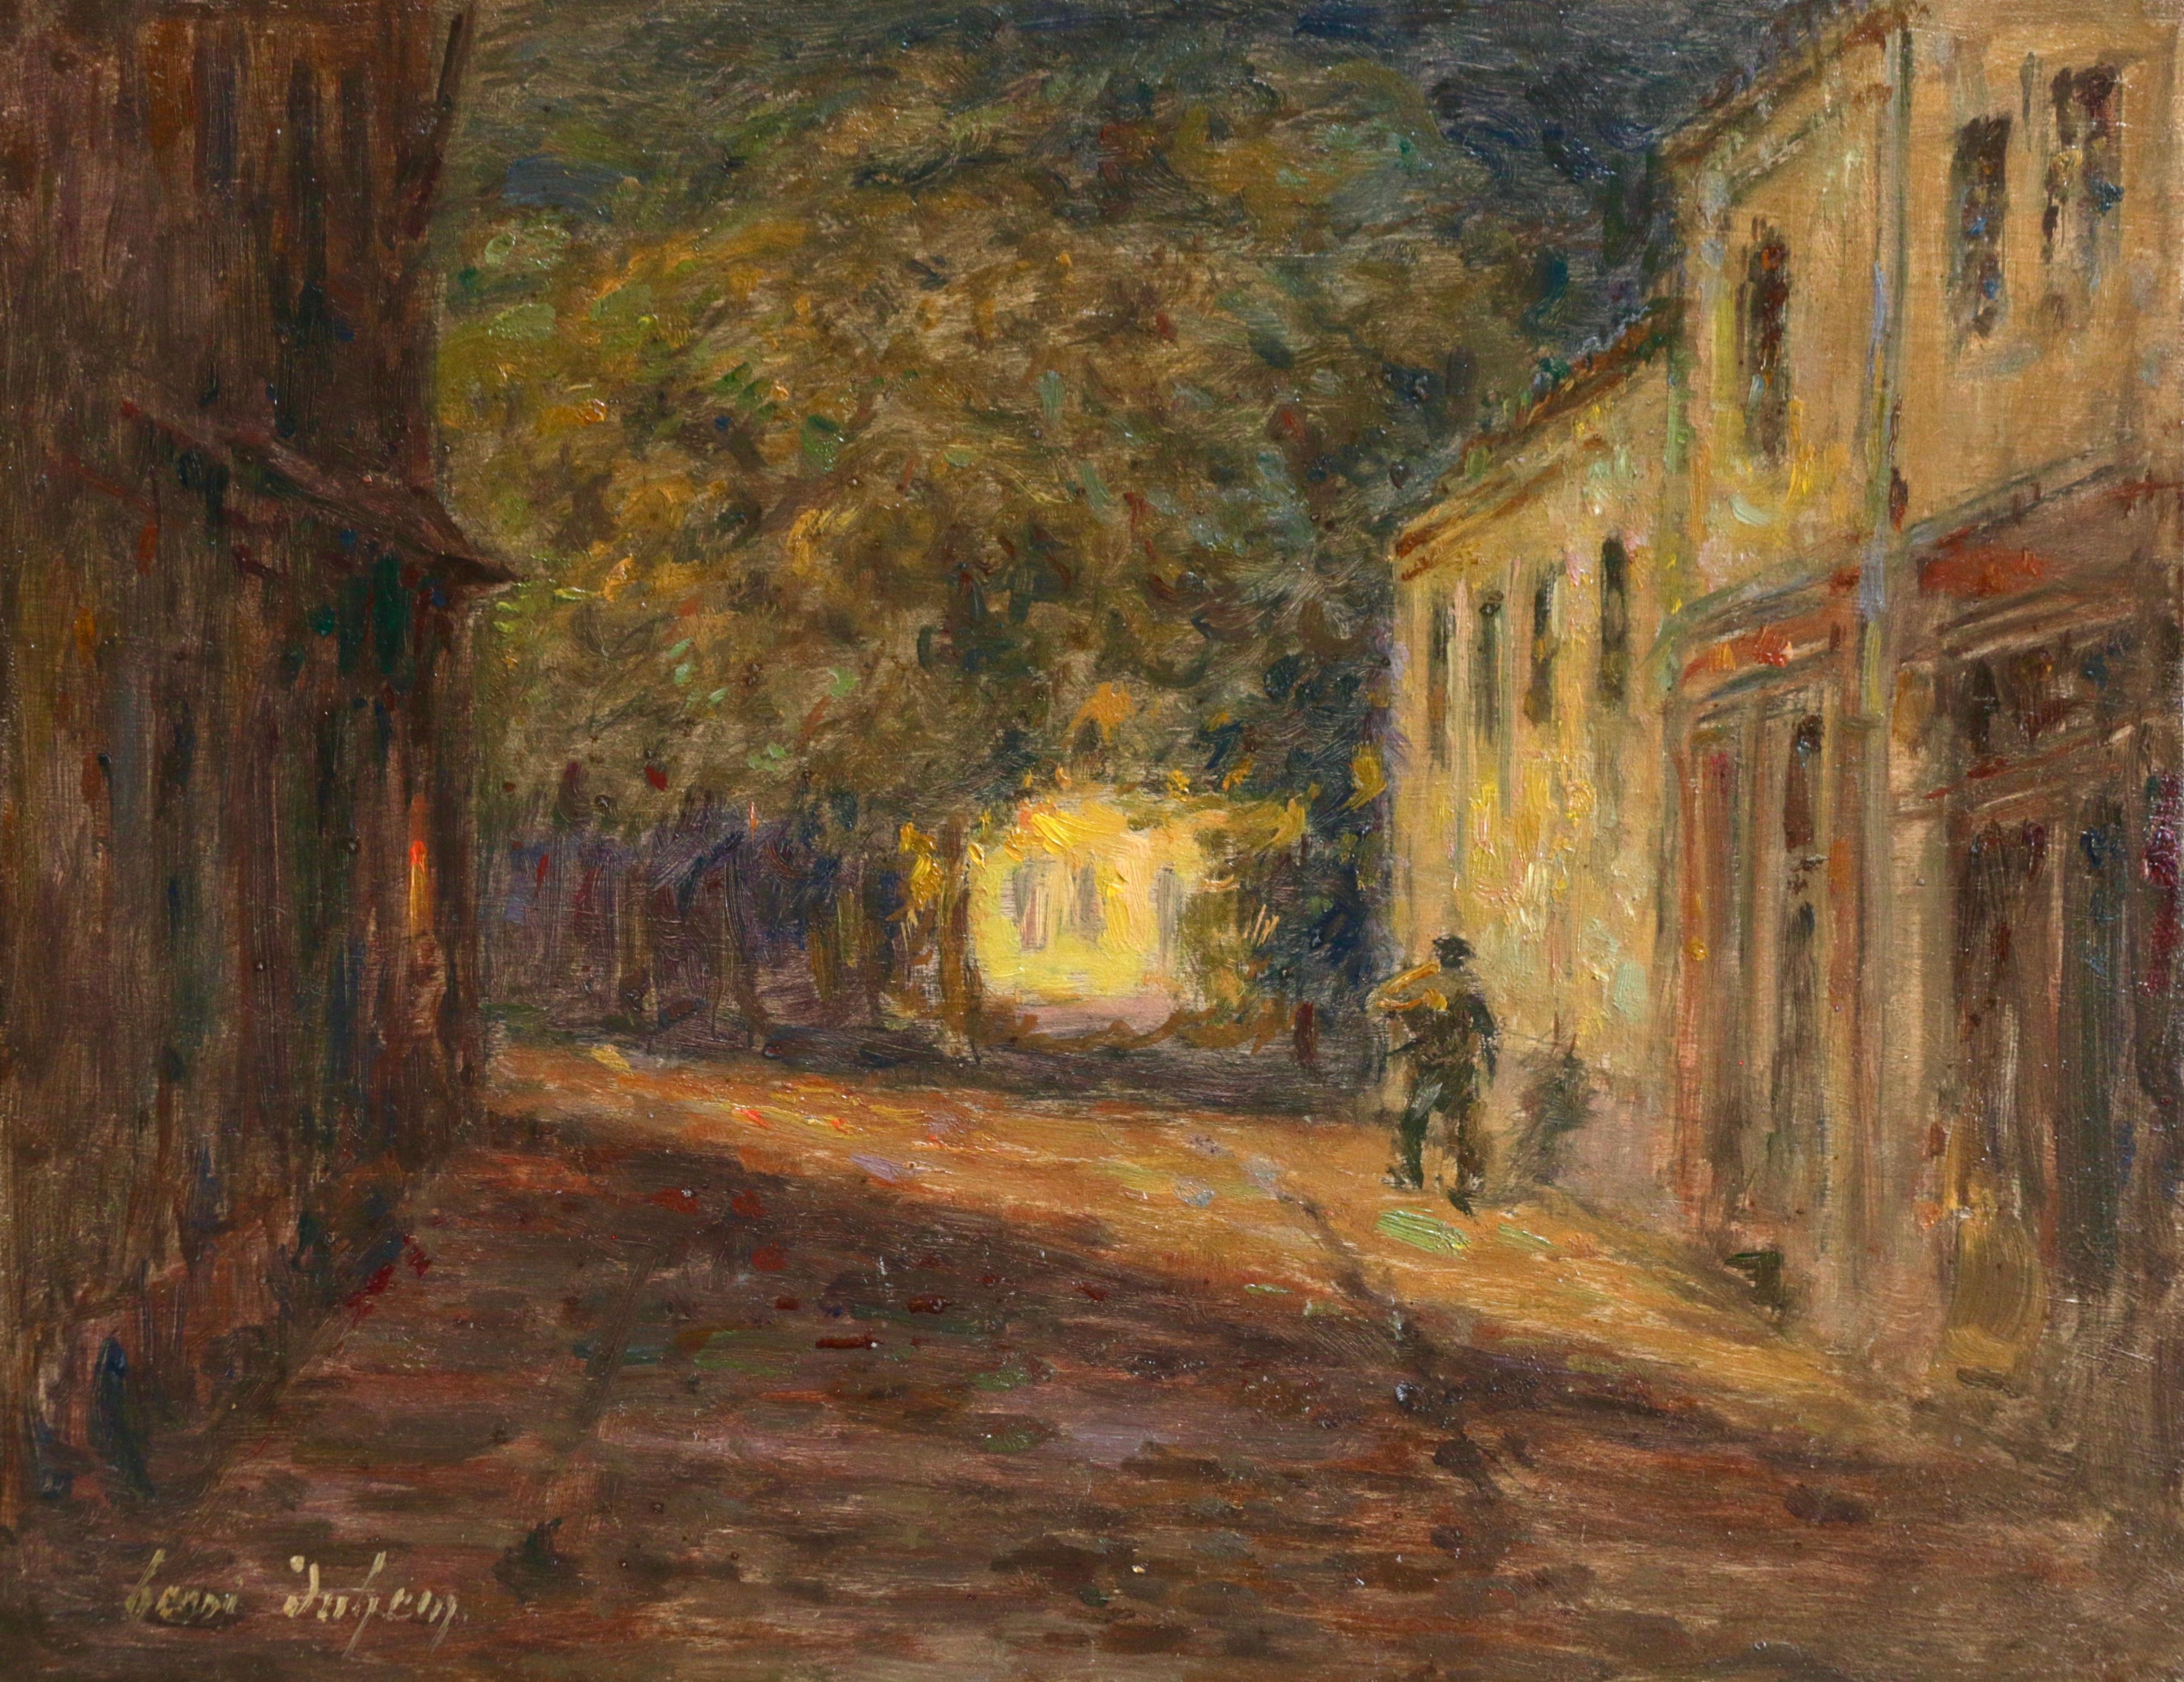 Le Village la Nuit - 19th Century Oil, Figure in Landscape at Night by H Duhem